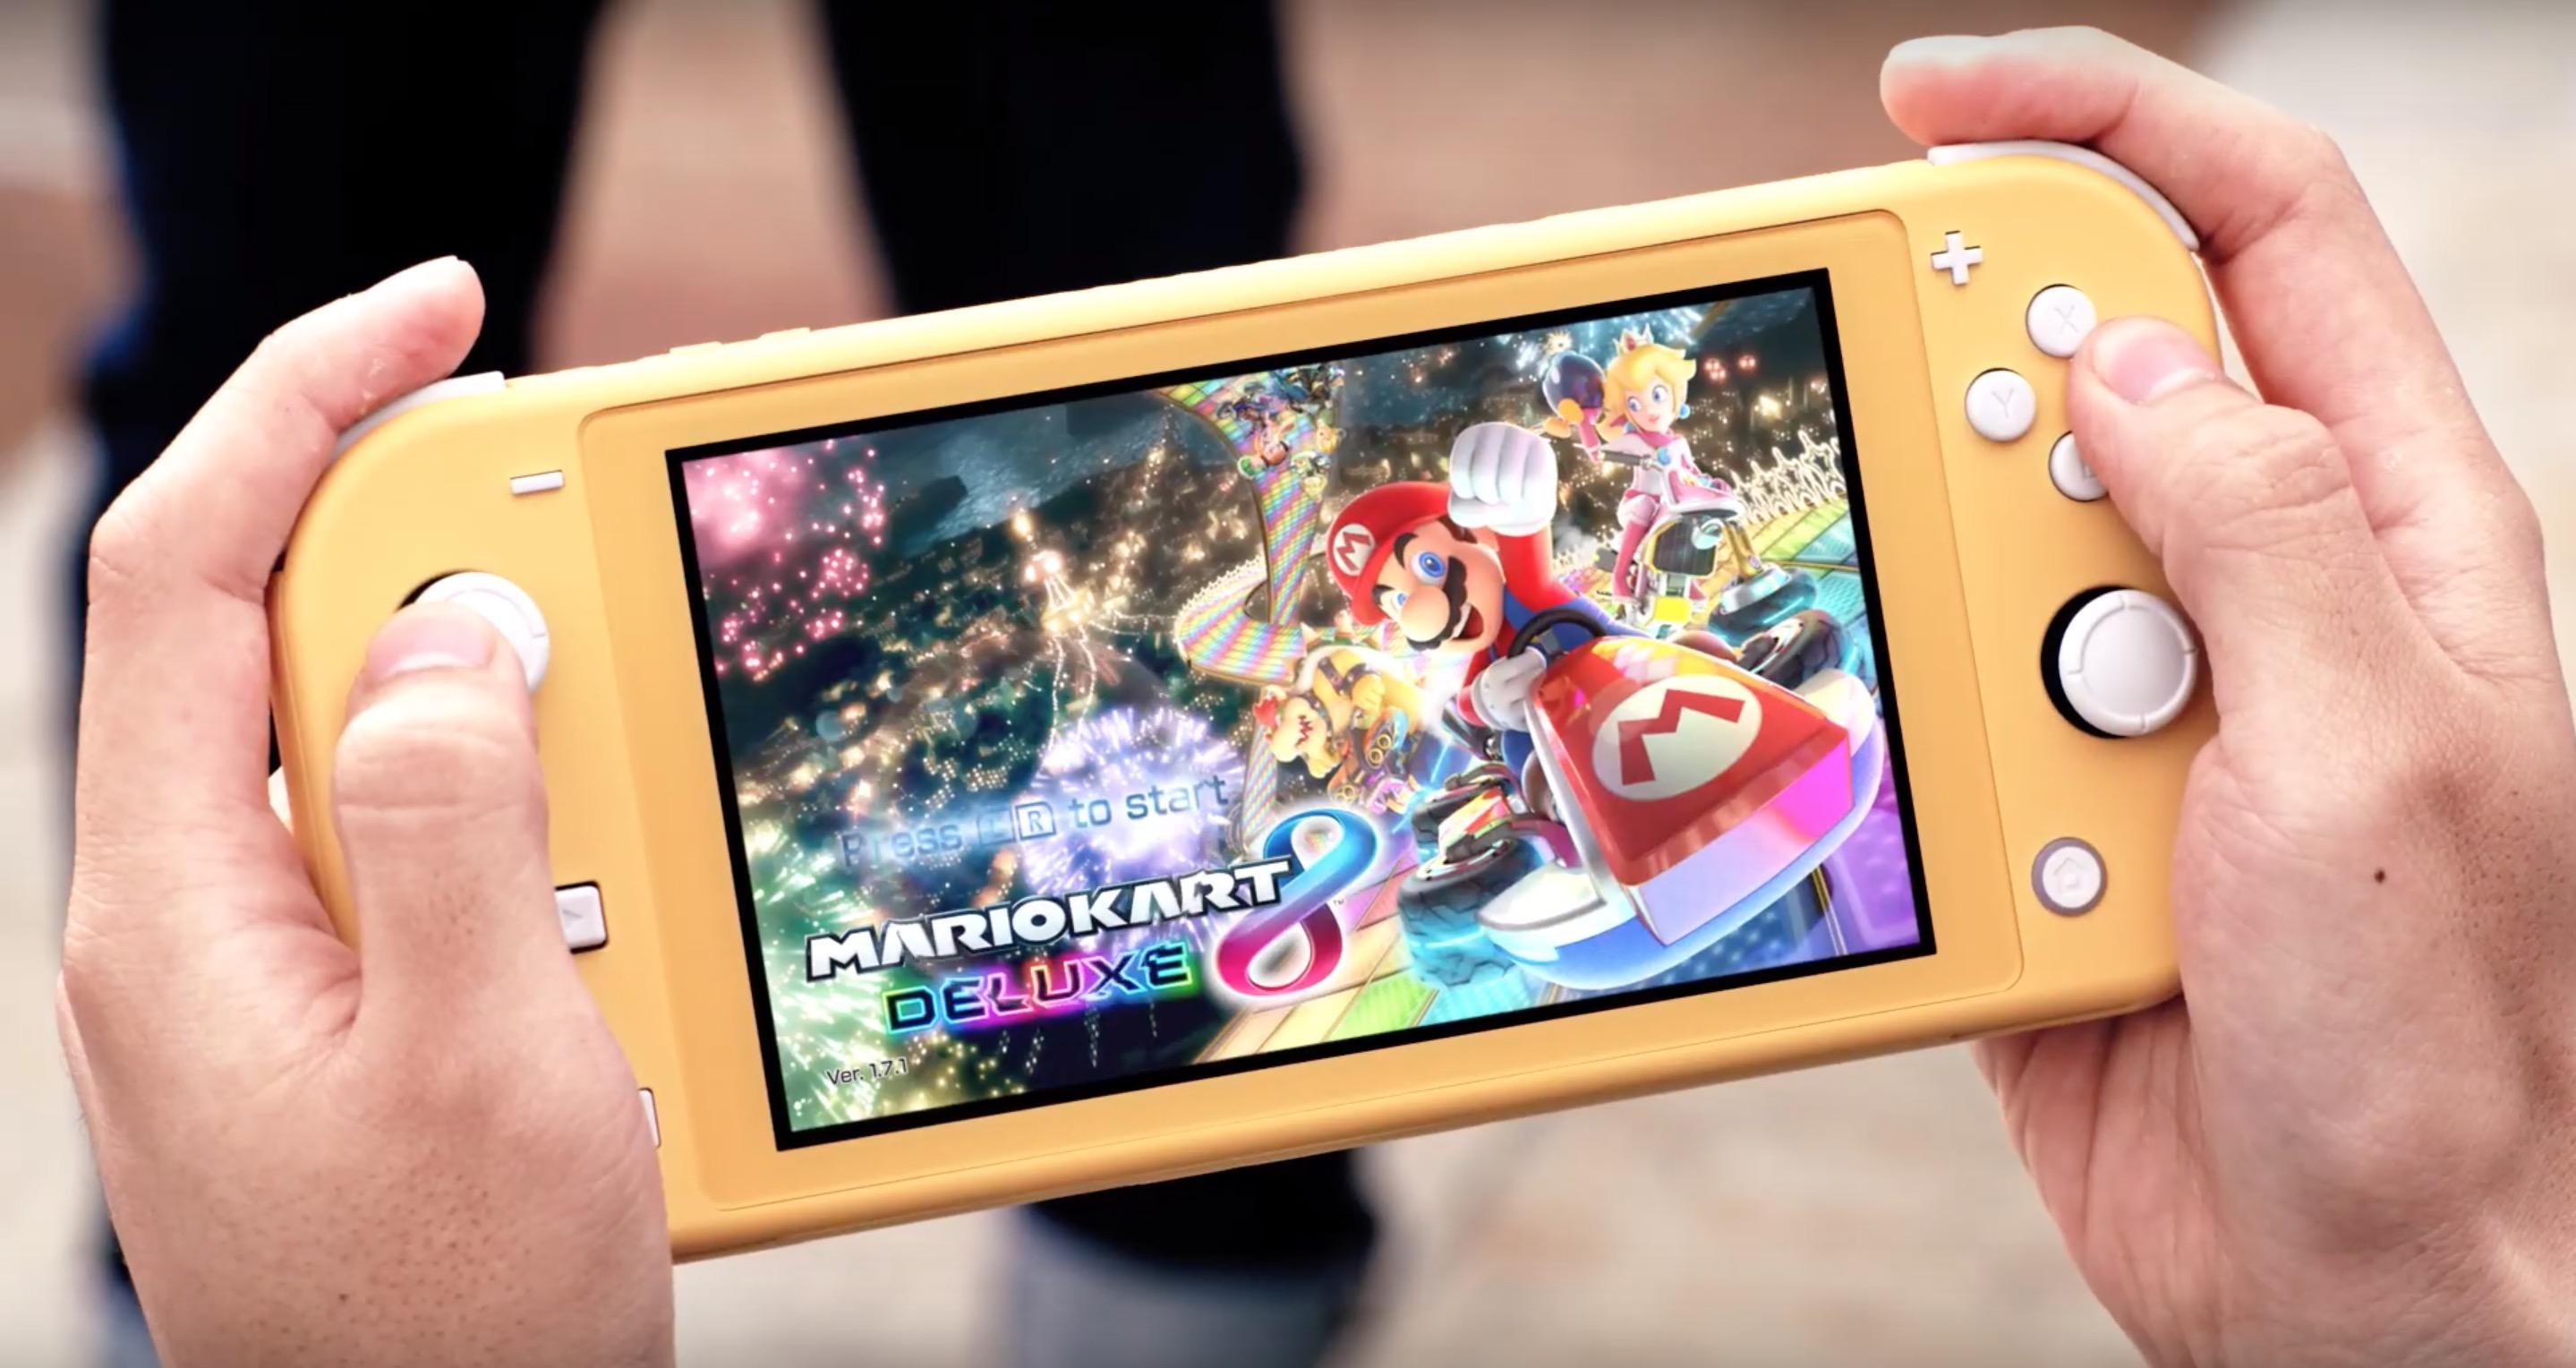 تم بيع 37 مليون وحدة تحكم و 5 ألعاب بمبيعات تزيد عن 10 مليون - Nintendo Switch بالأرقام 3